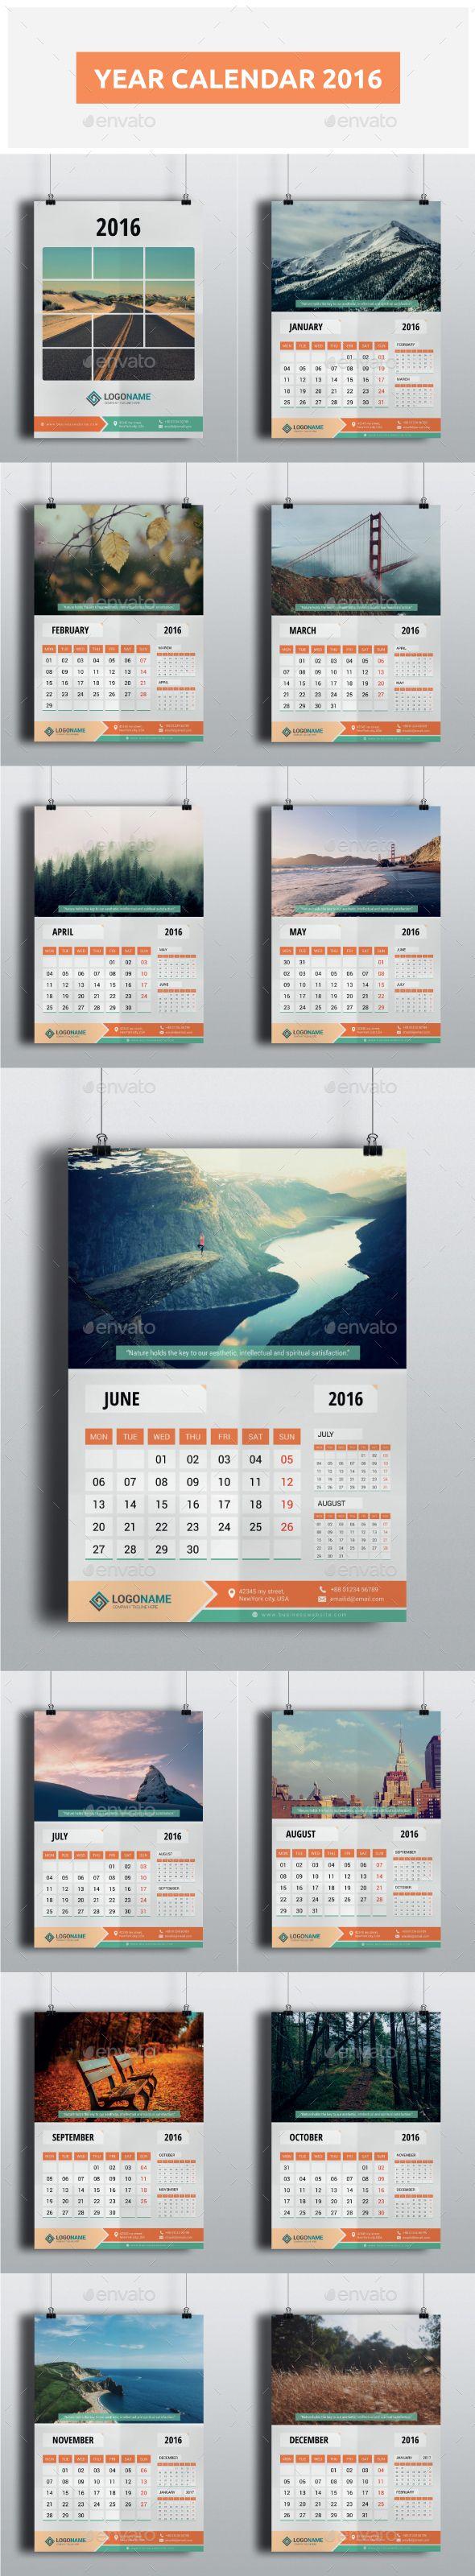 Year Calendar 2016 Template Psd Design Download Http